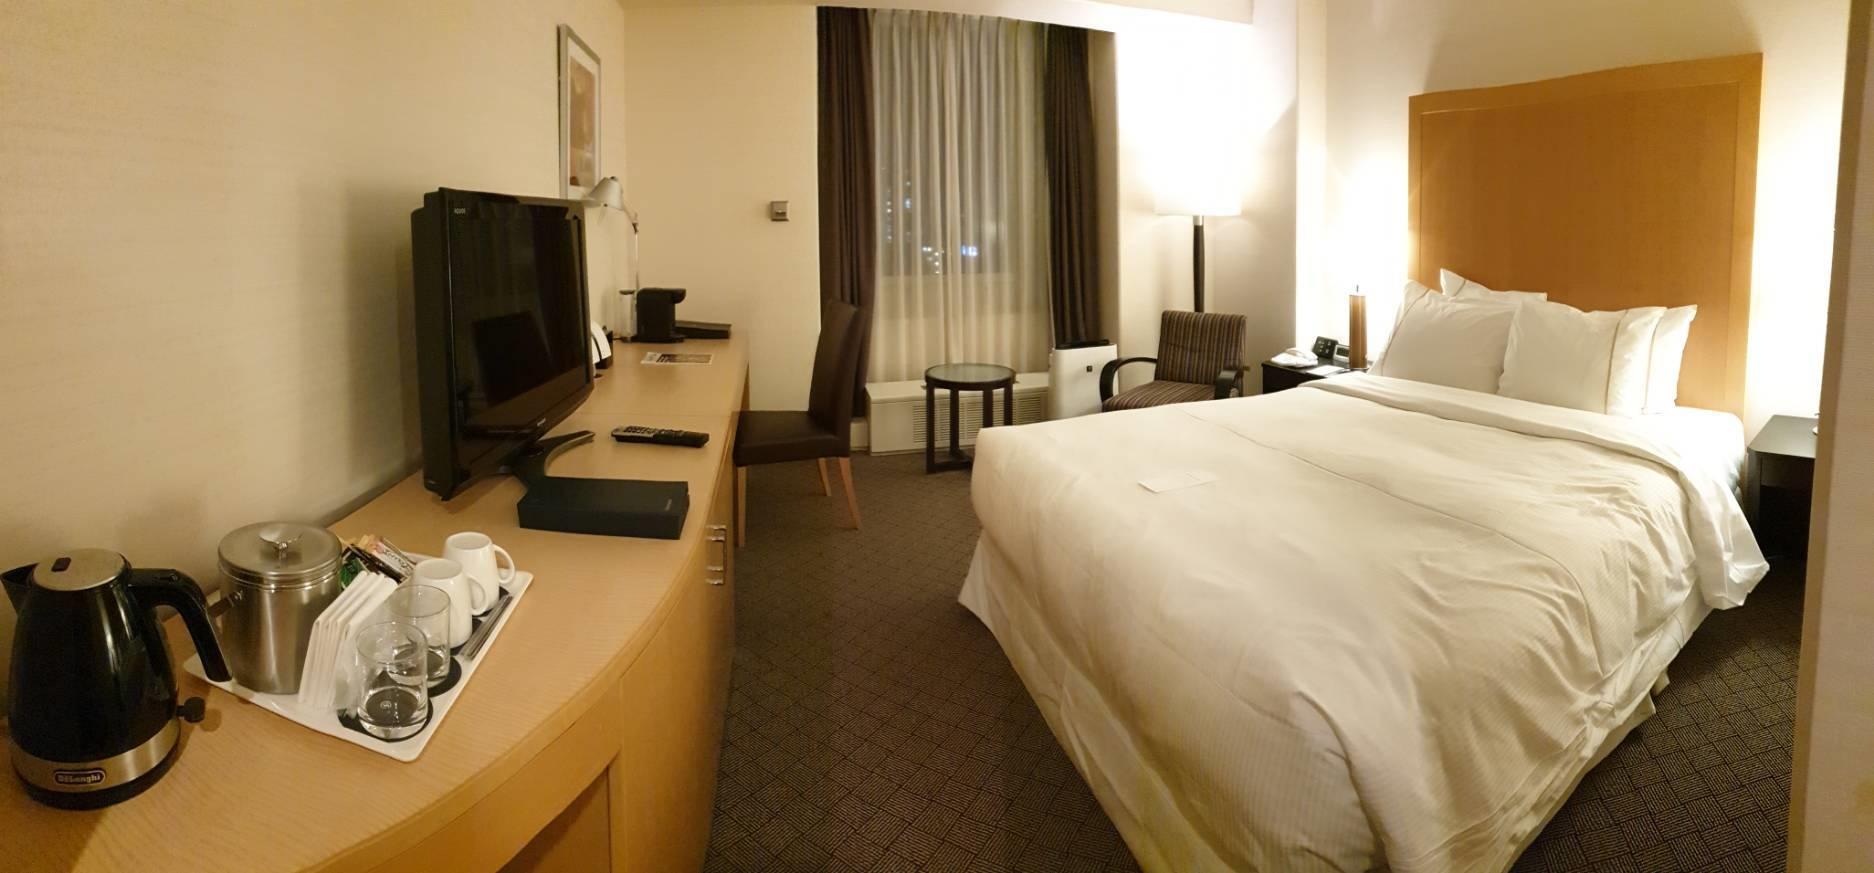 18. โรงแรม Sheraton 200213 0005